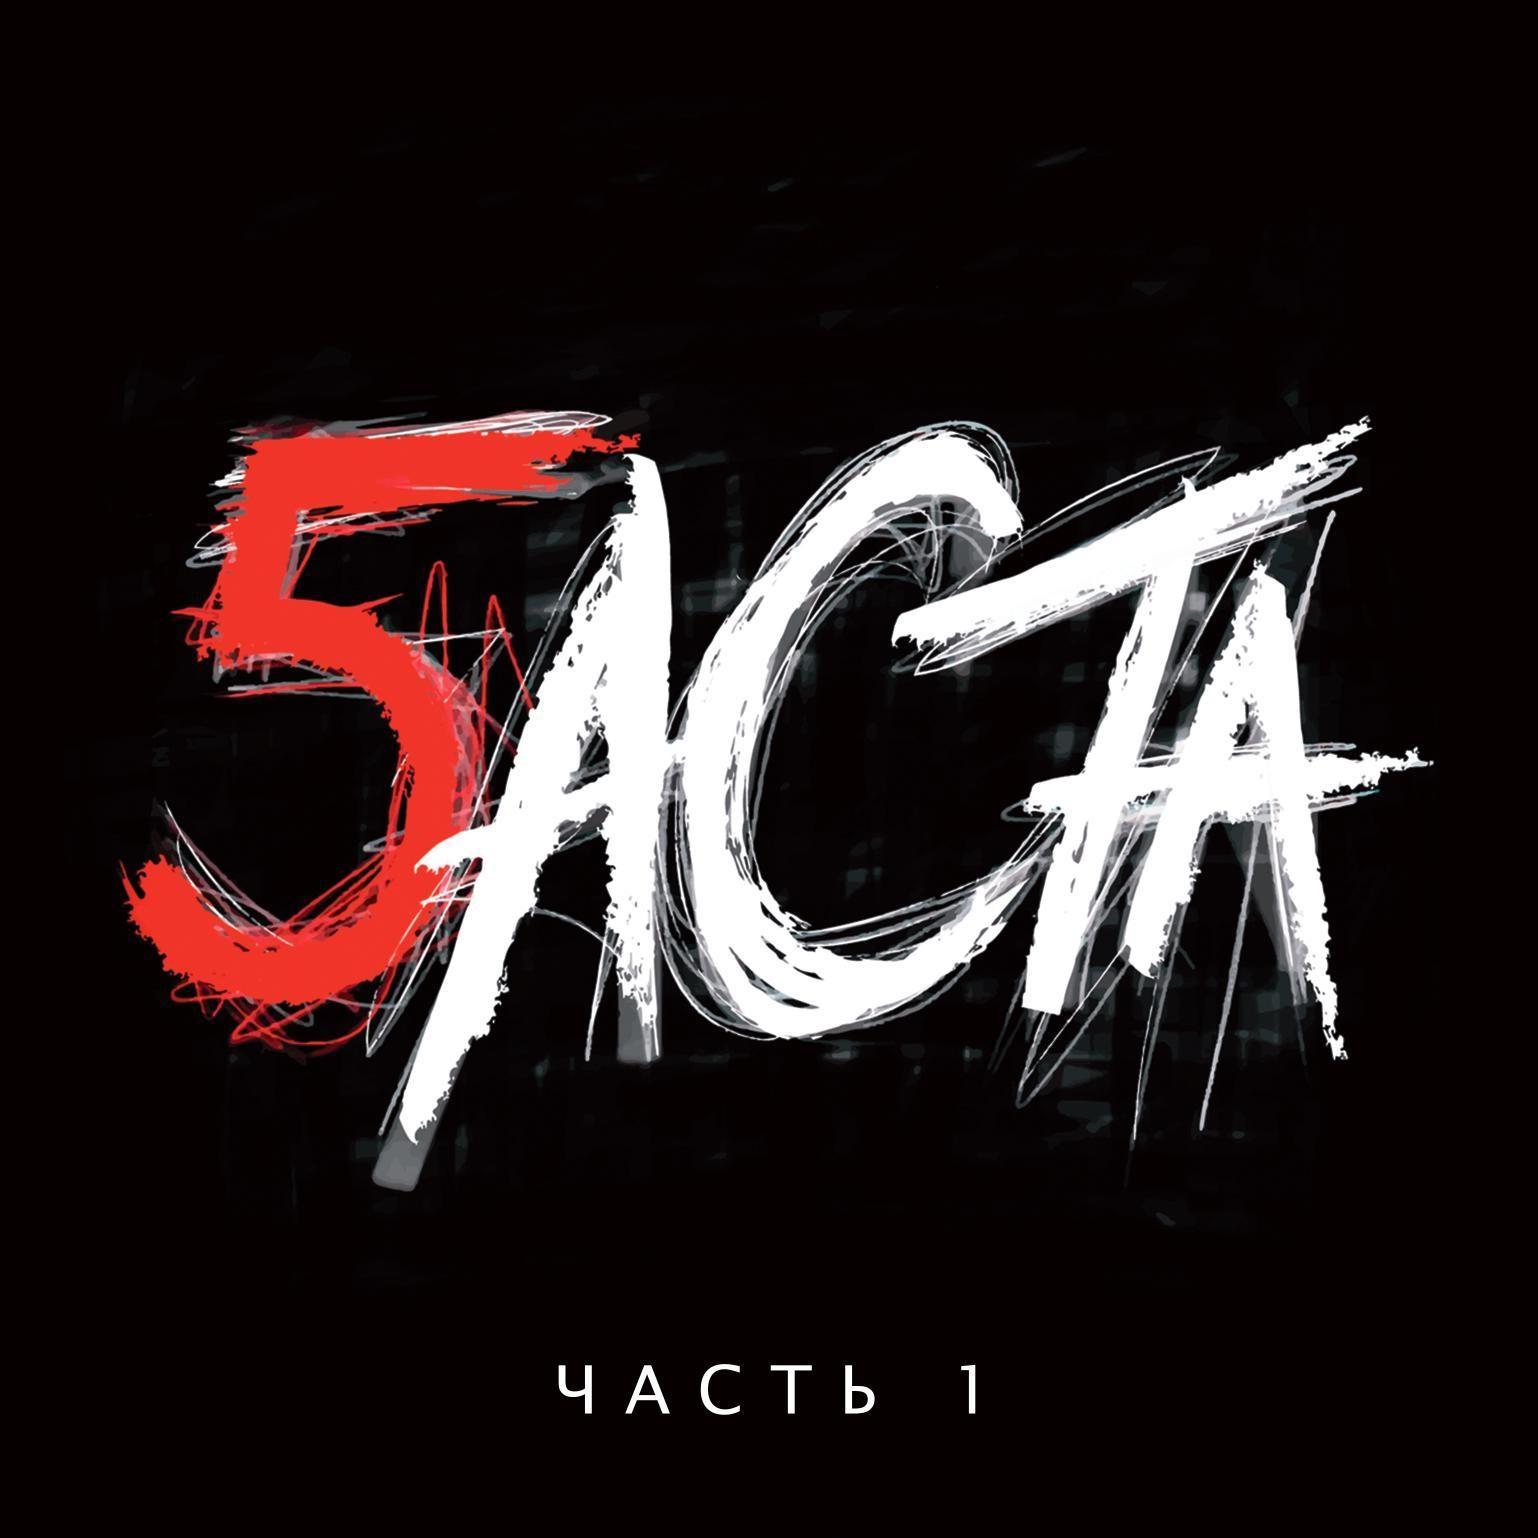 Баста: Баста 5. Часть 1 (CD)Представляем вашему вниманию альбом Баста. Баста 5. Часть 1, пятый студийный альбом Басты, который вышел в двух частях с небольшим интервалом.<br>